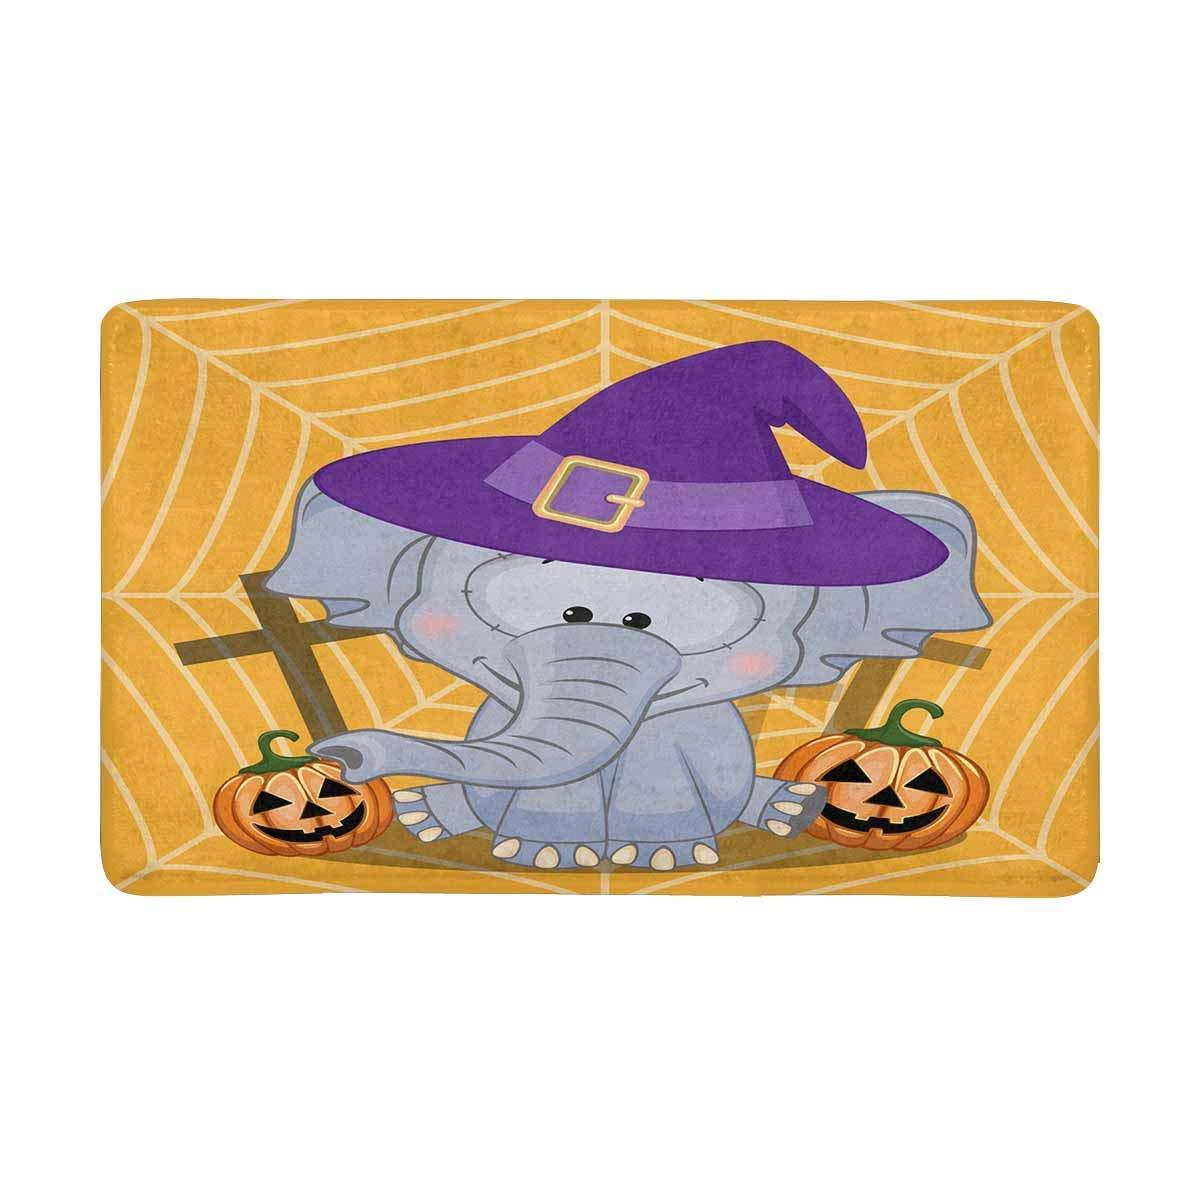 Us 12 44 49 Off Cartoon Elephant With Pumpkin Anti Slip Door Mat Home Decor Indoor Entrance Doormat Rubber Backing In From